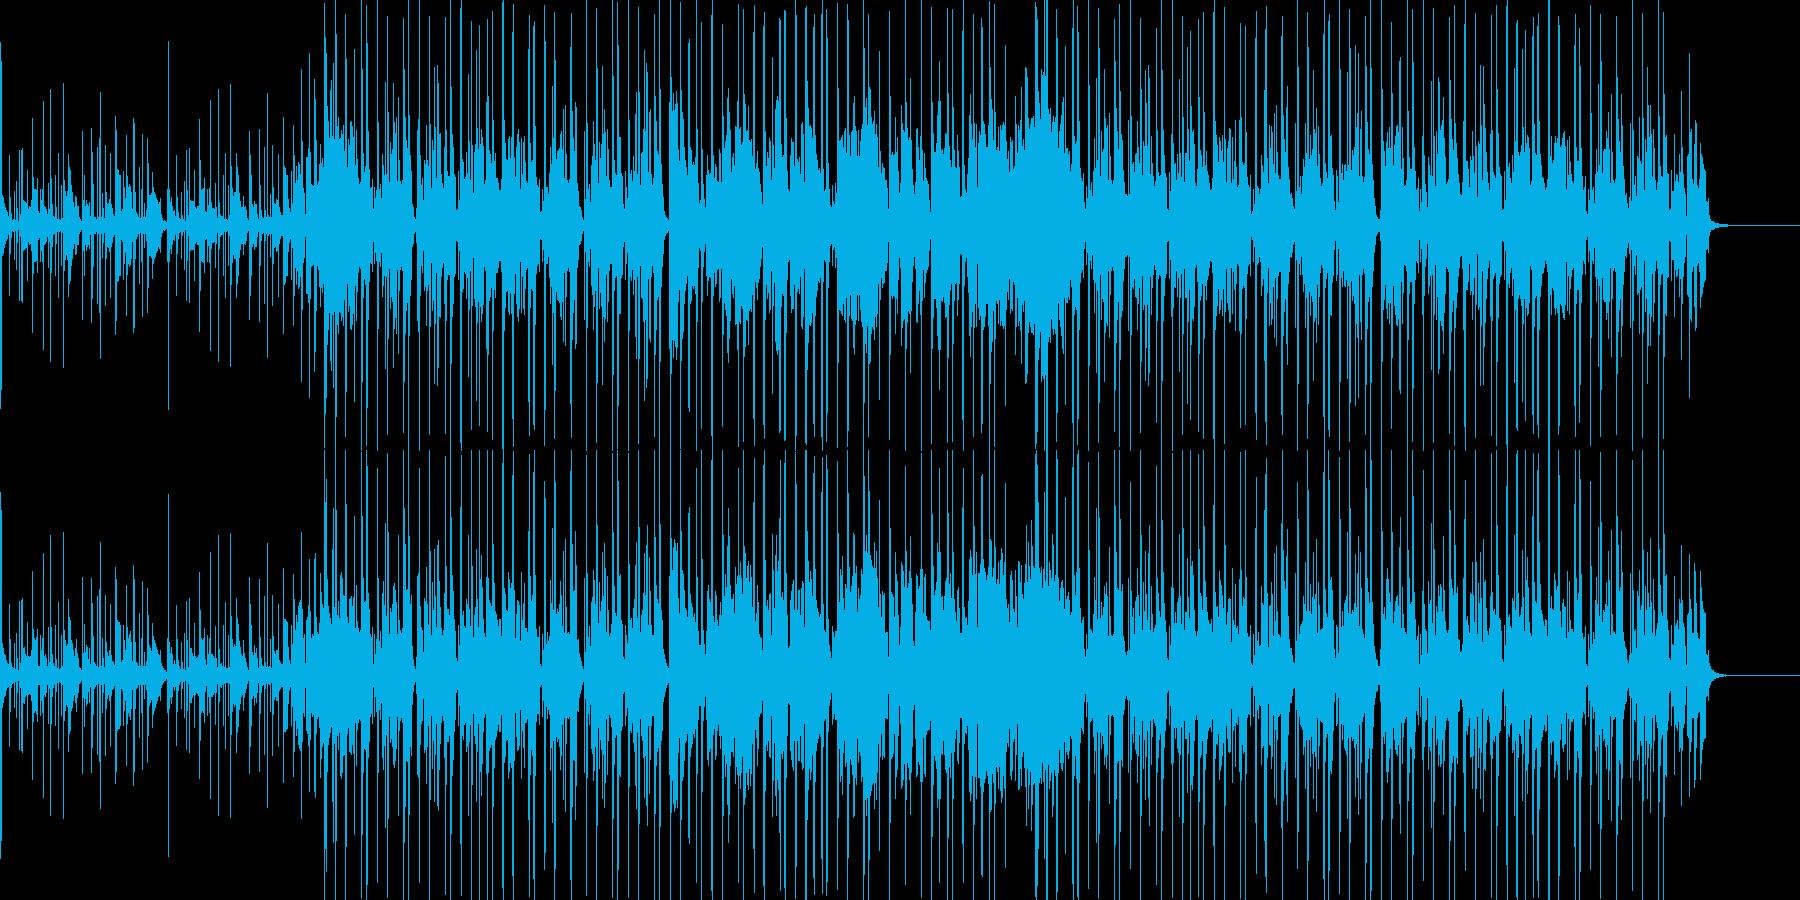 サックスの入ったファンクな曲の再生済みの波形